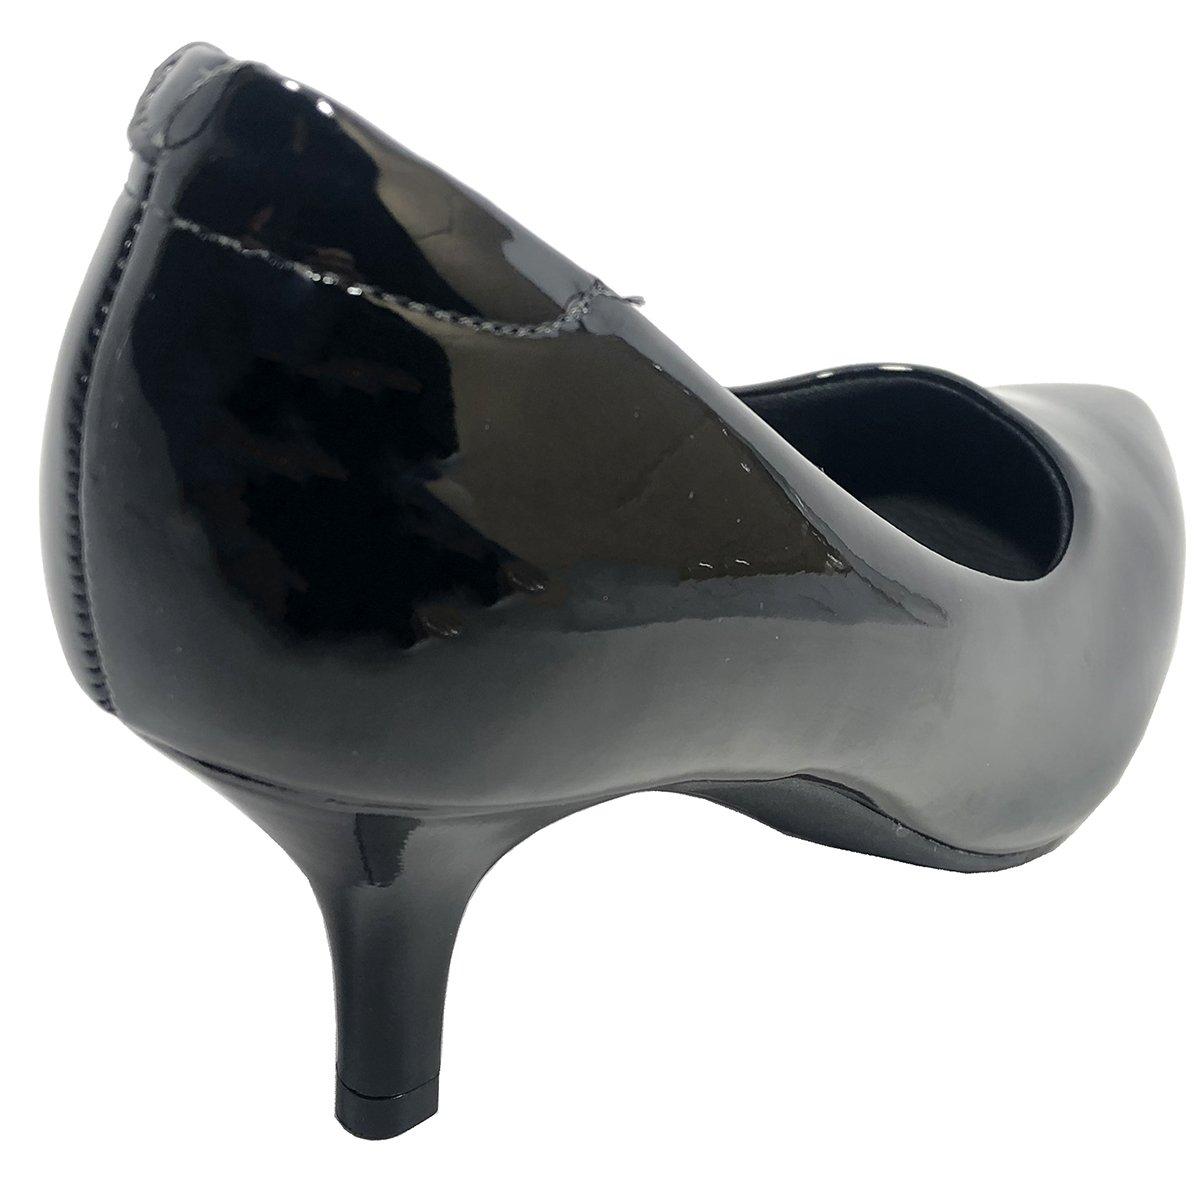 9cf4d62b7 Scarpin Modare Ultra Conforto Salto Baixo Verniz Preto - Compre ...